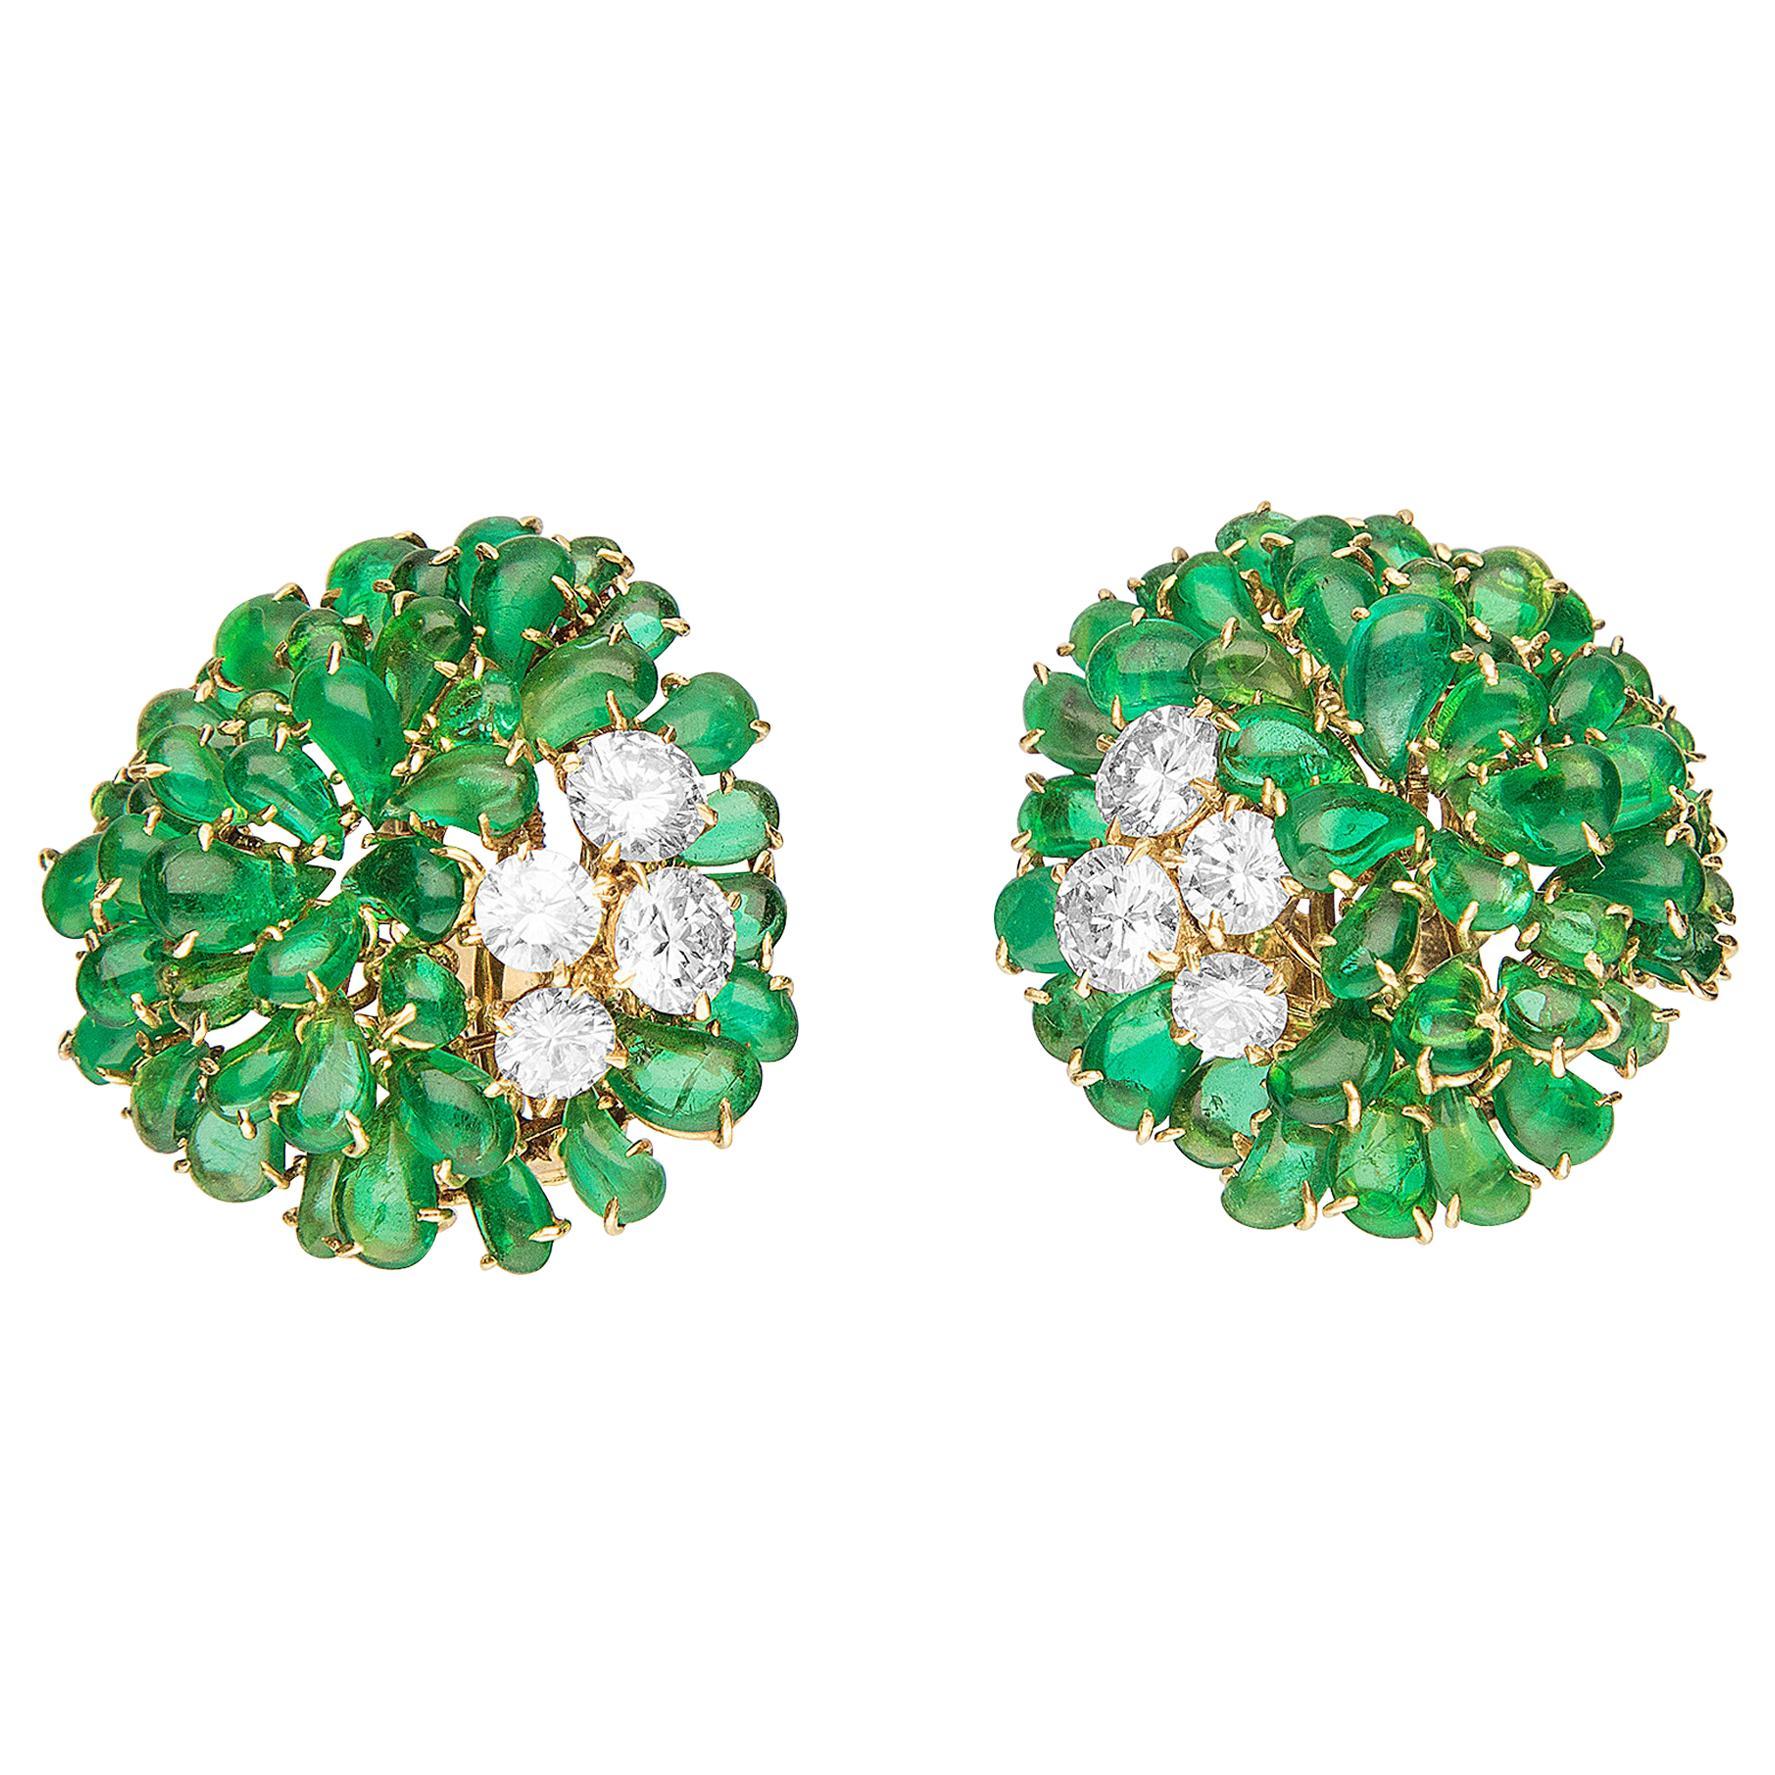 Van Cleef & Arpels 1960s Emerald and Diamond Earrings